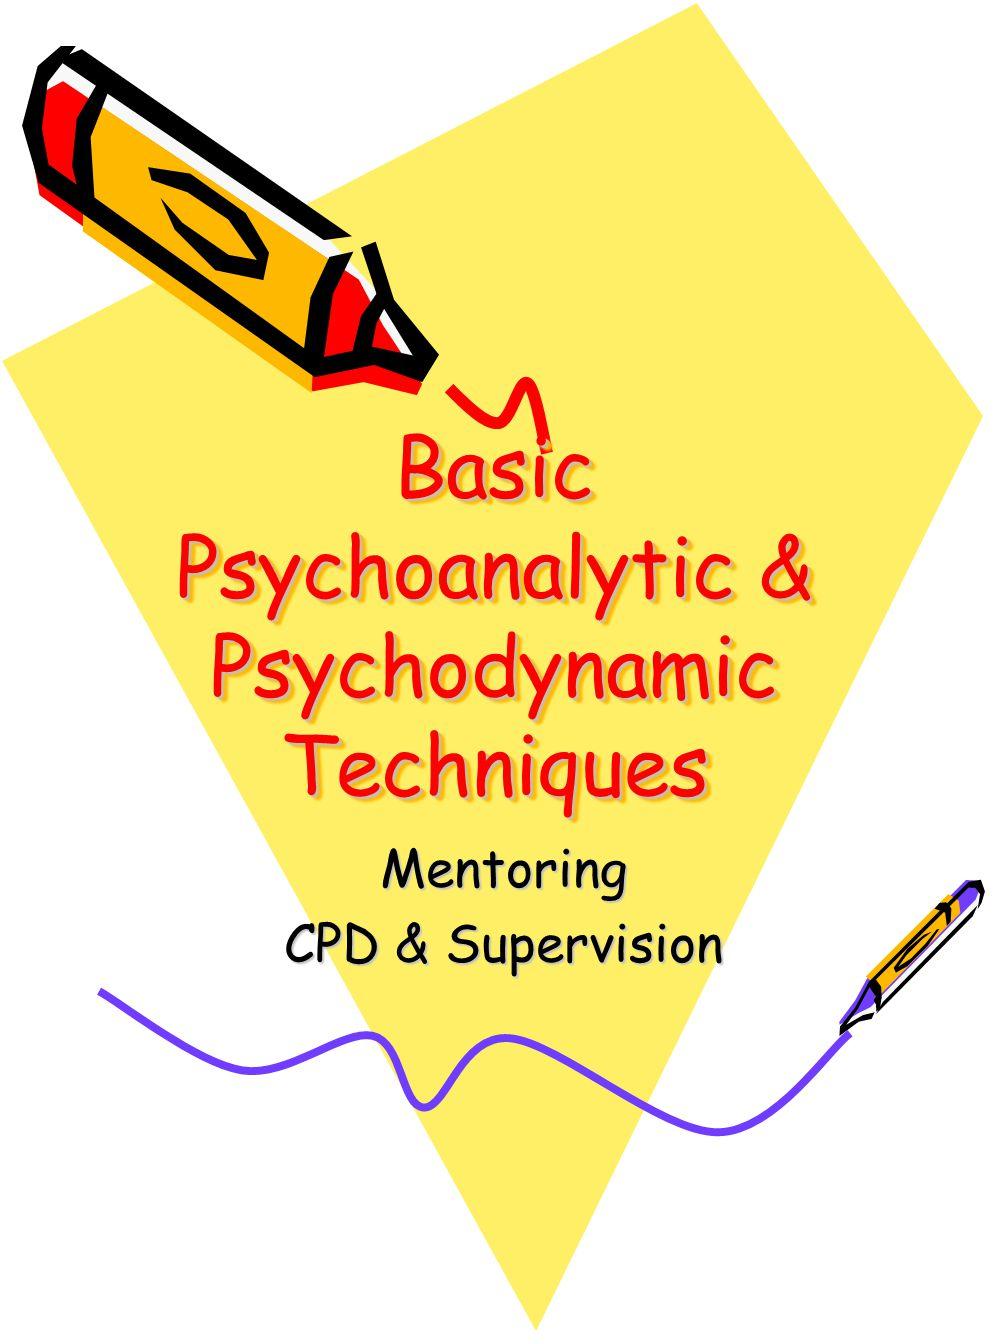 Basic Psychoanalytic & Psychodynamic Techniques